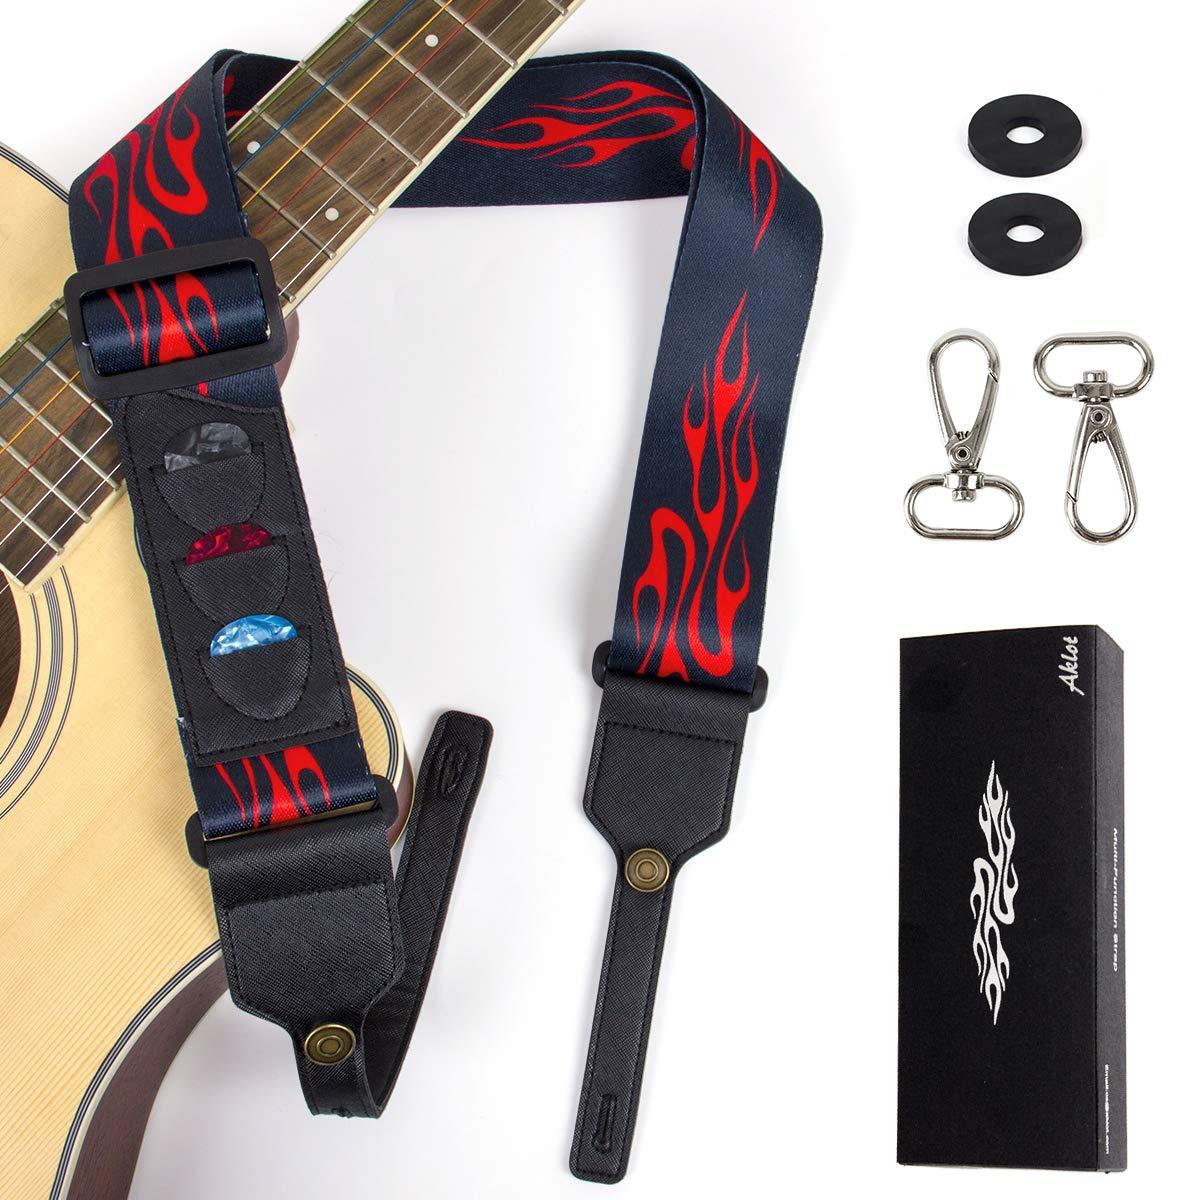 Guitar Strap for Acoustic Electric Guitars Banjo Ukulele With Pick Holders & Picks Banjo Hooks